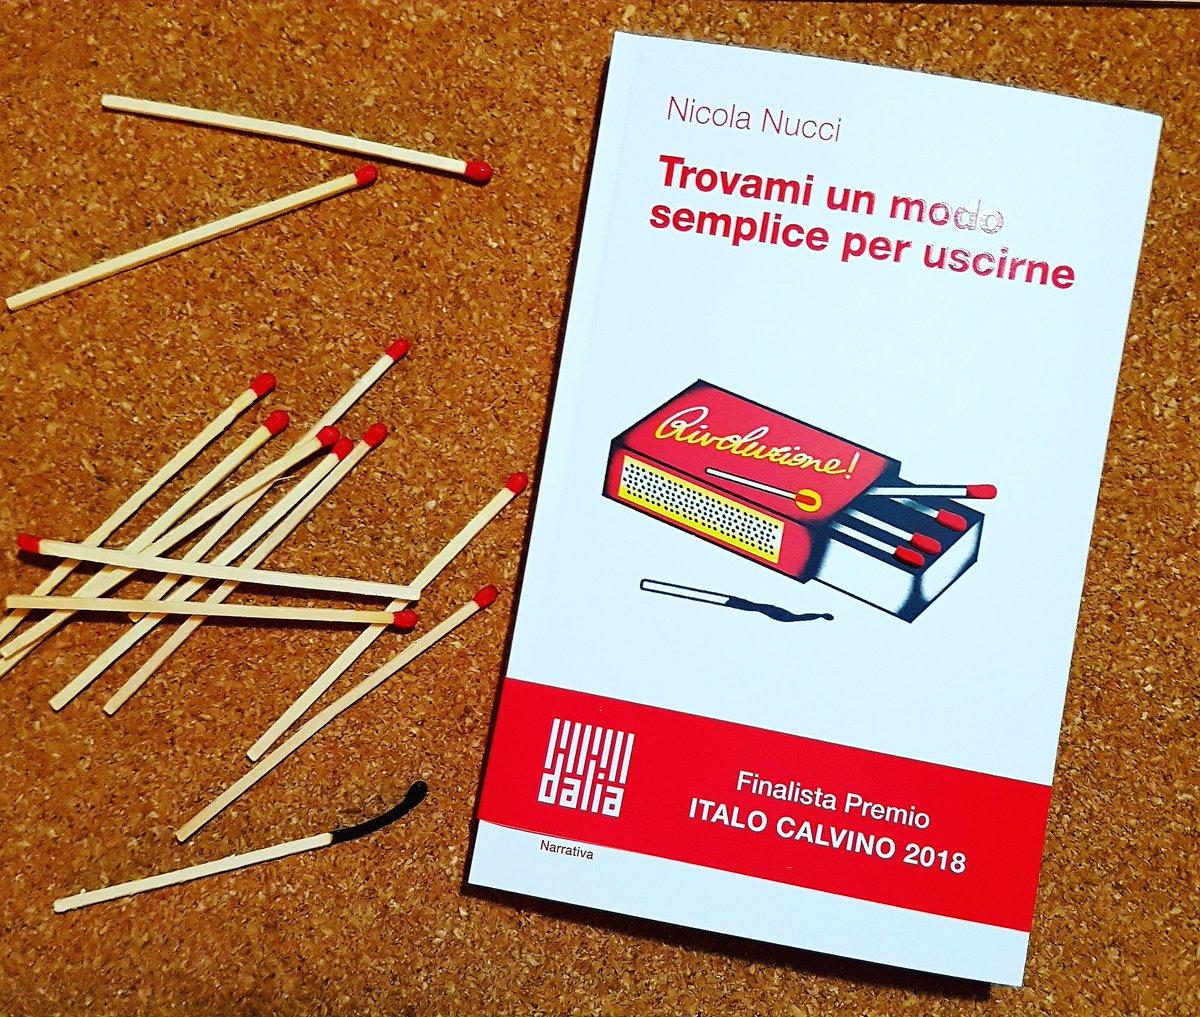 """L'angolo del Bibliotecario: """"Trovami un modo semplice per uscirne"""" di Nicola Nucci"""